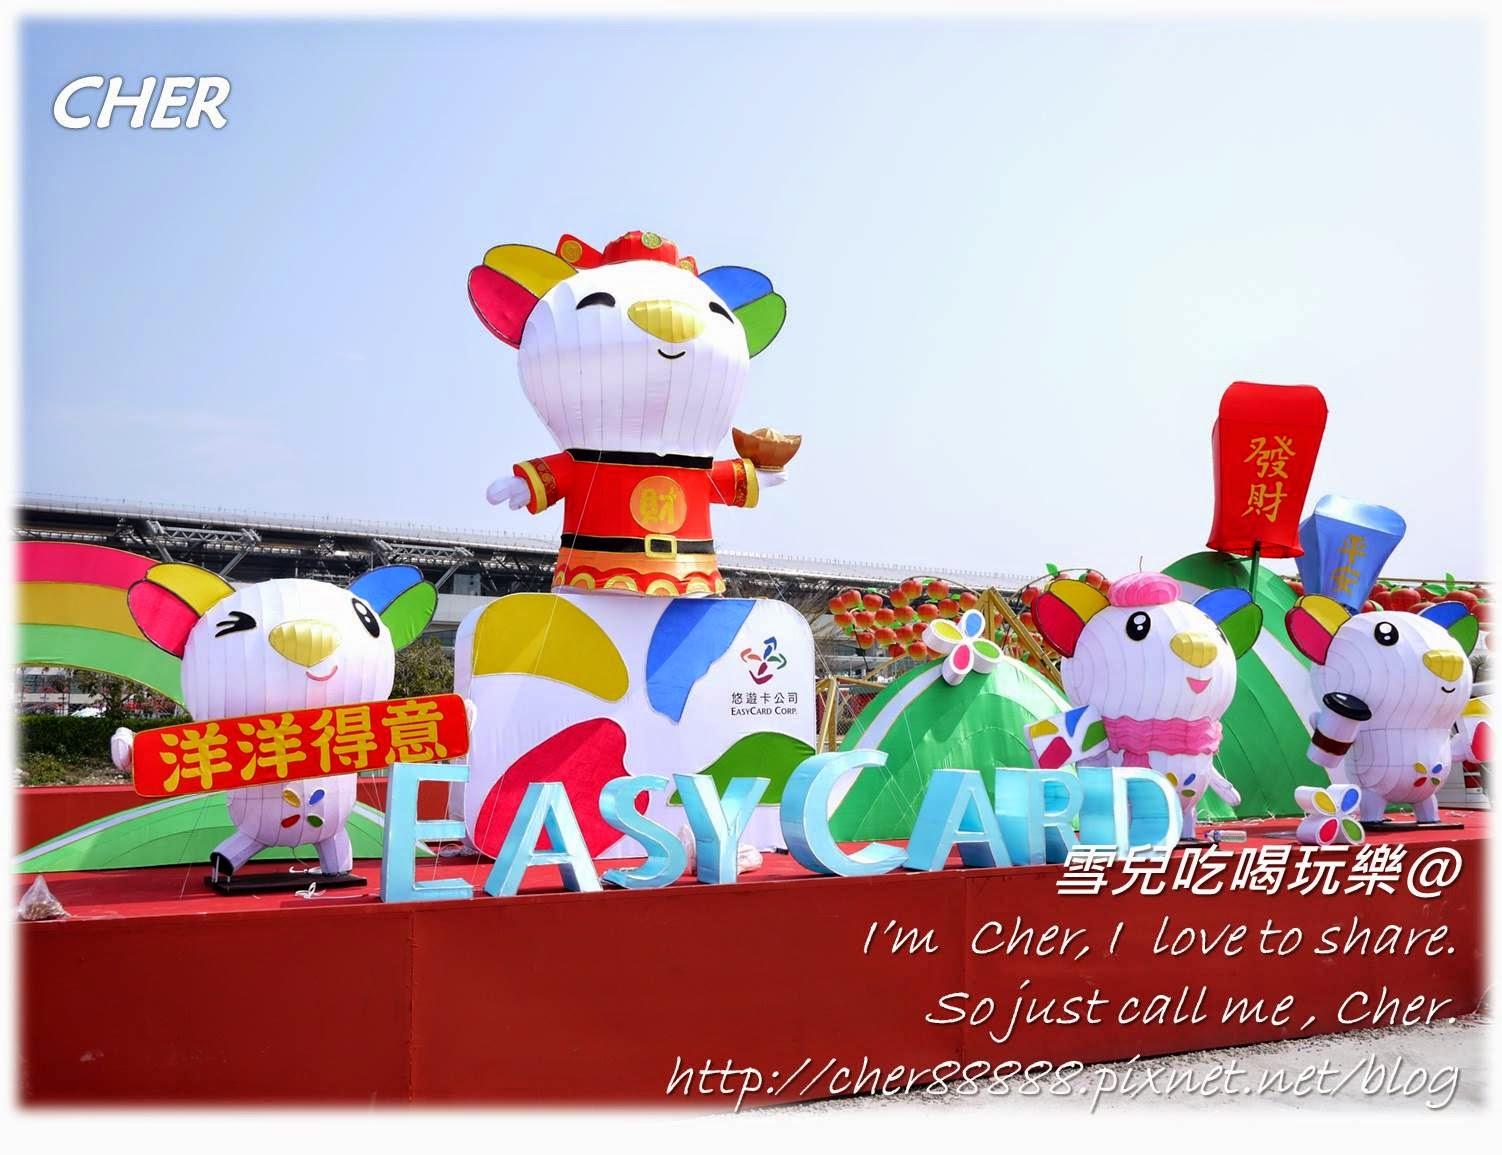 2015臺灣燈會 -臺中烏日高鐵燈區 Taiwan Lantern Festival in Taichung @ 雪兒吃喝玩樂走透透~ :: 痞客邦